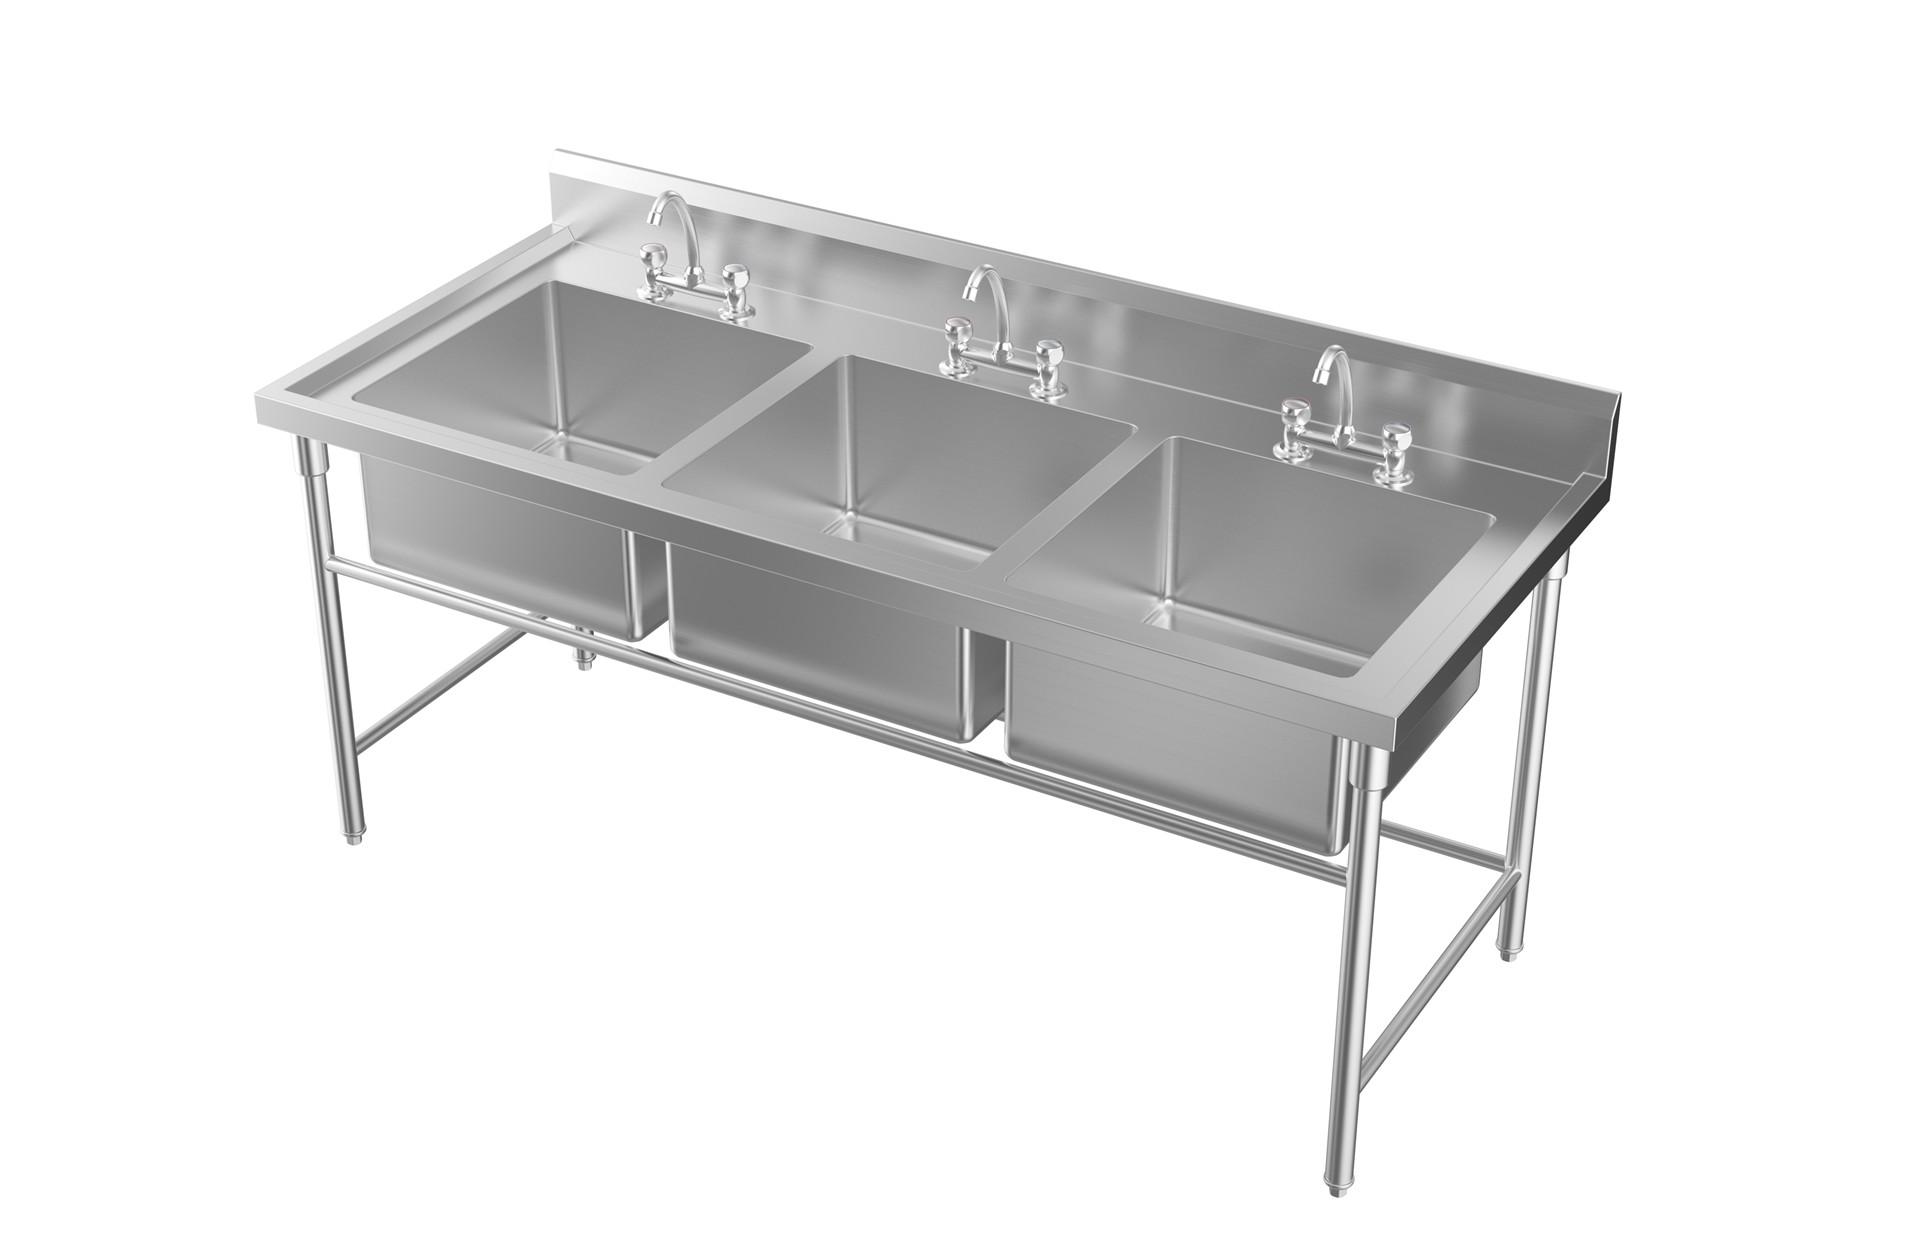 成都不锈钢厨具-三双星盆台1800x760x800+120斗500x500x280